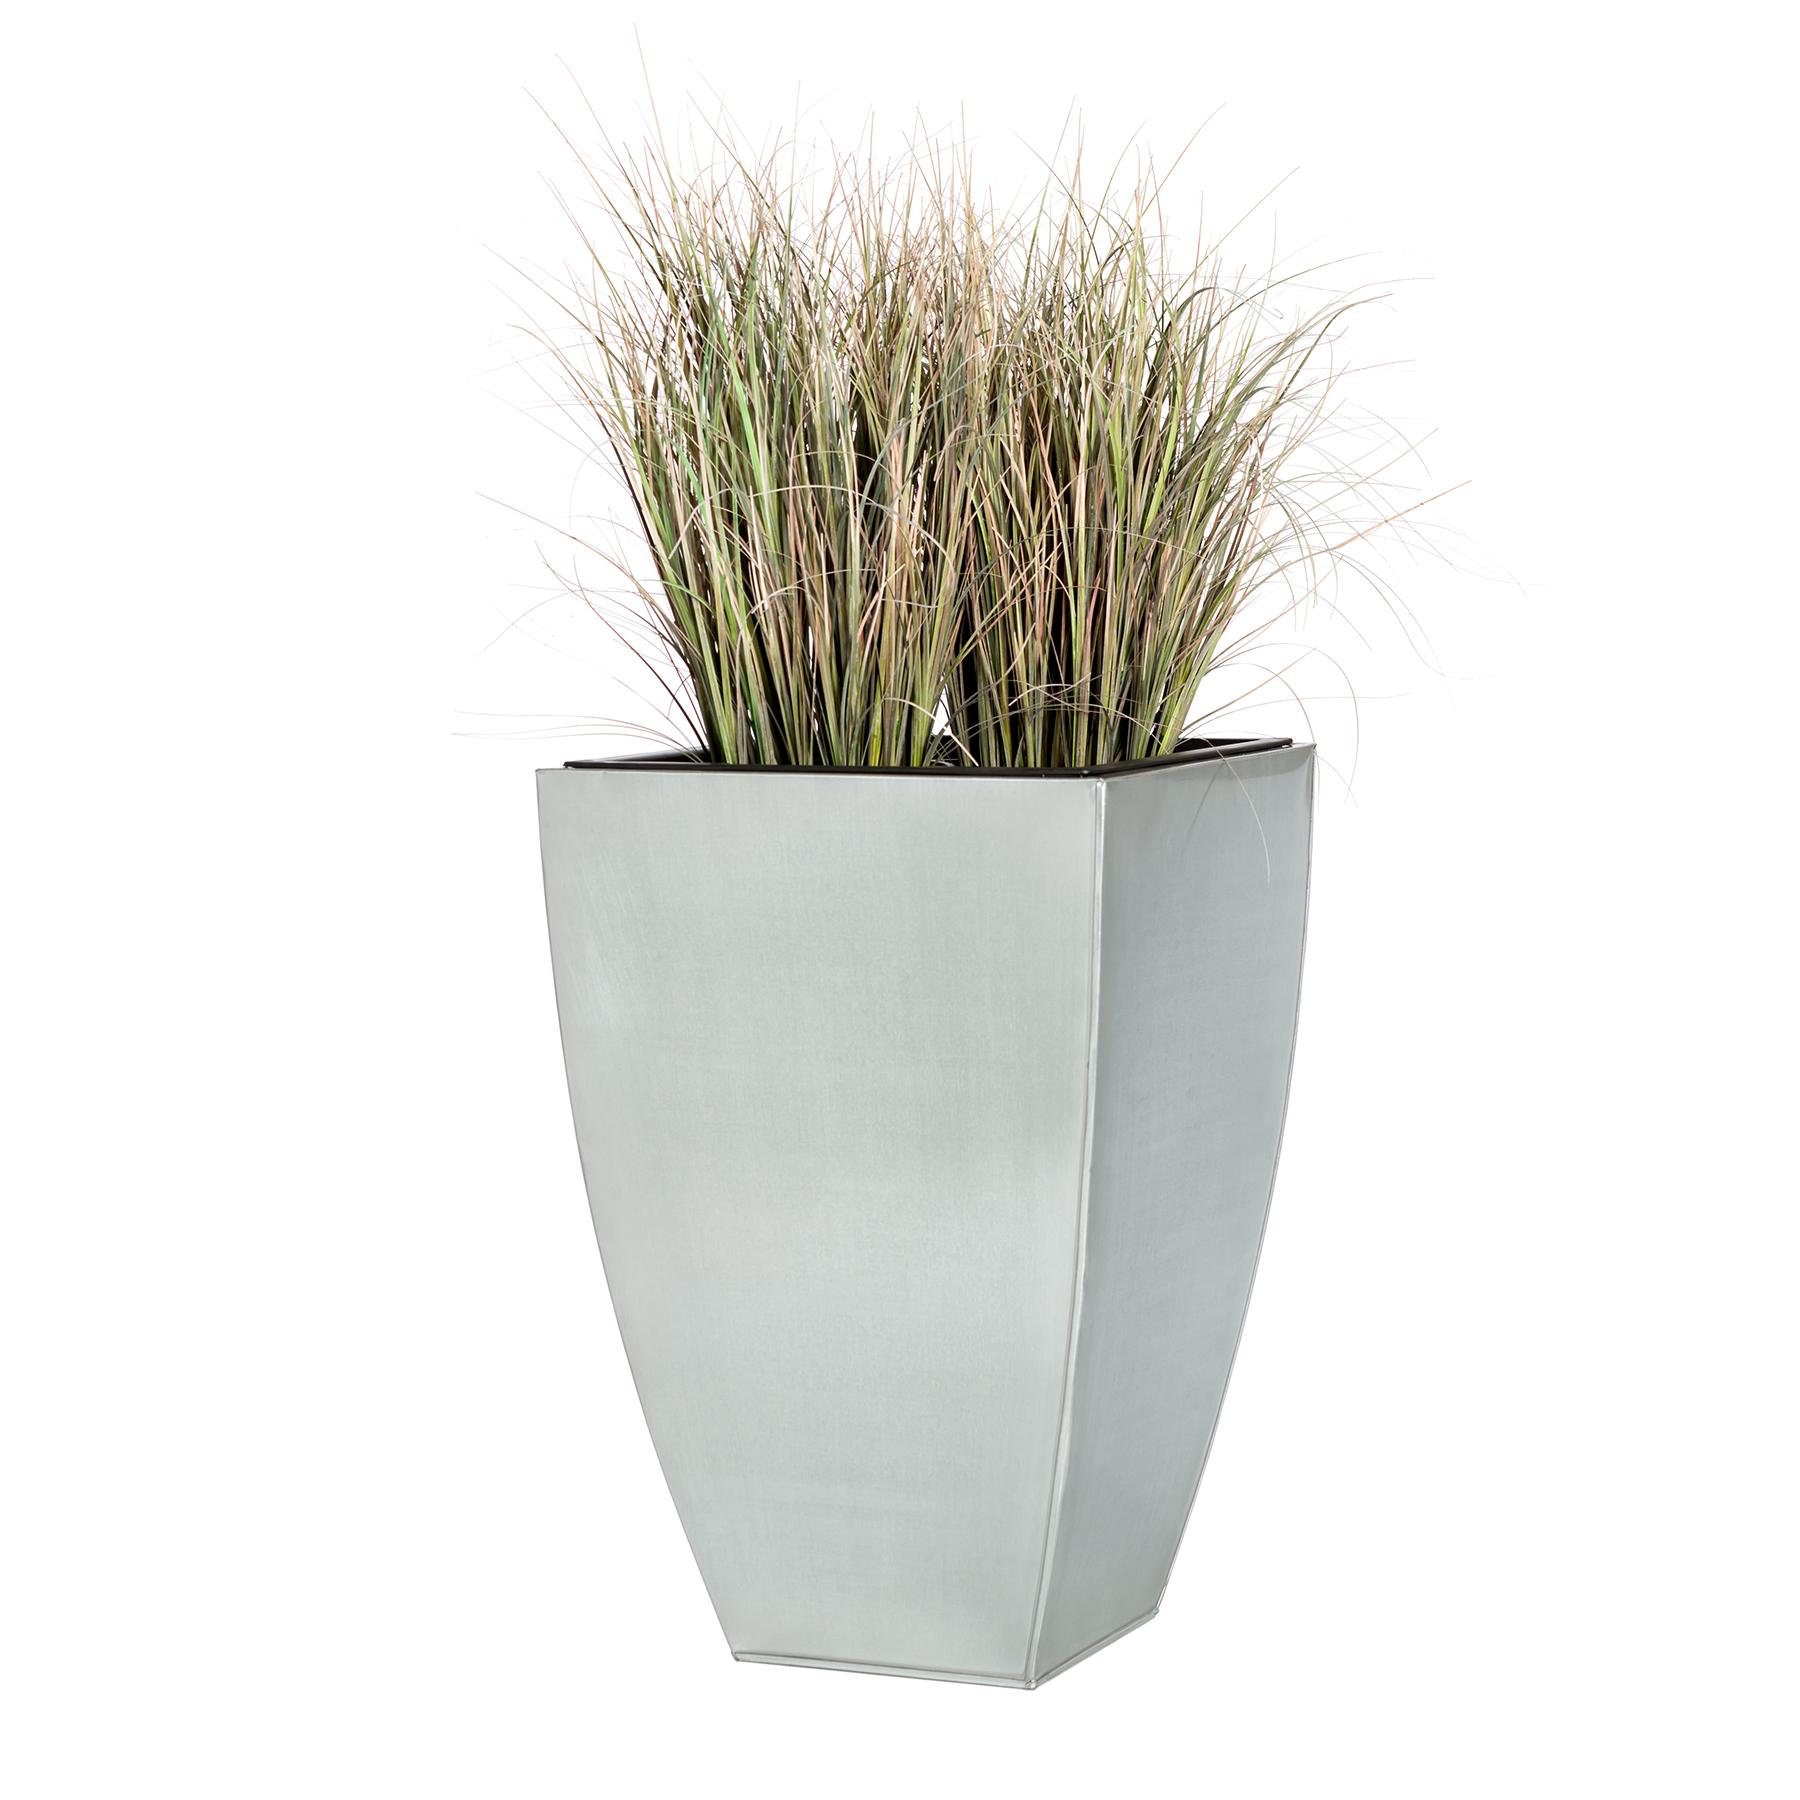 Mina 5020110-2T Zink Blumenkübel Pflanzenkübel \